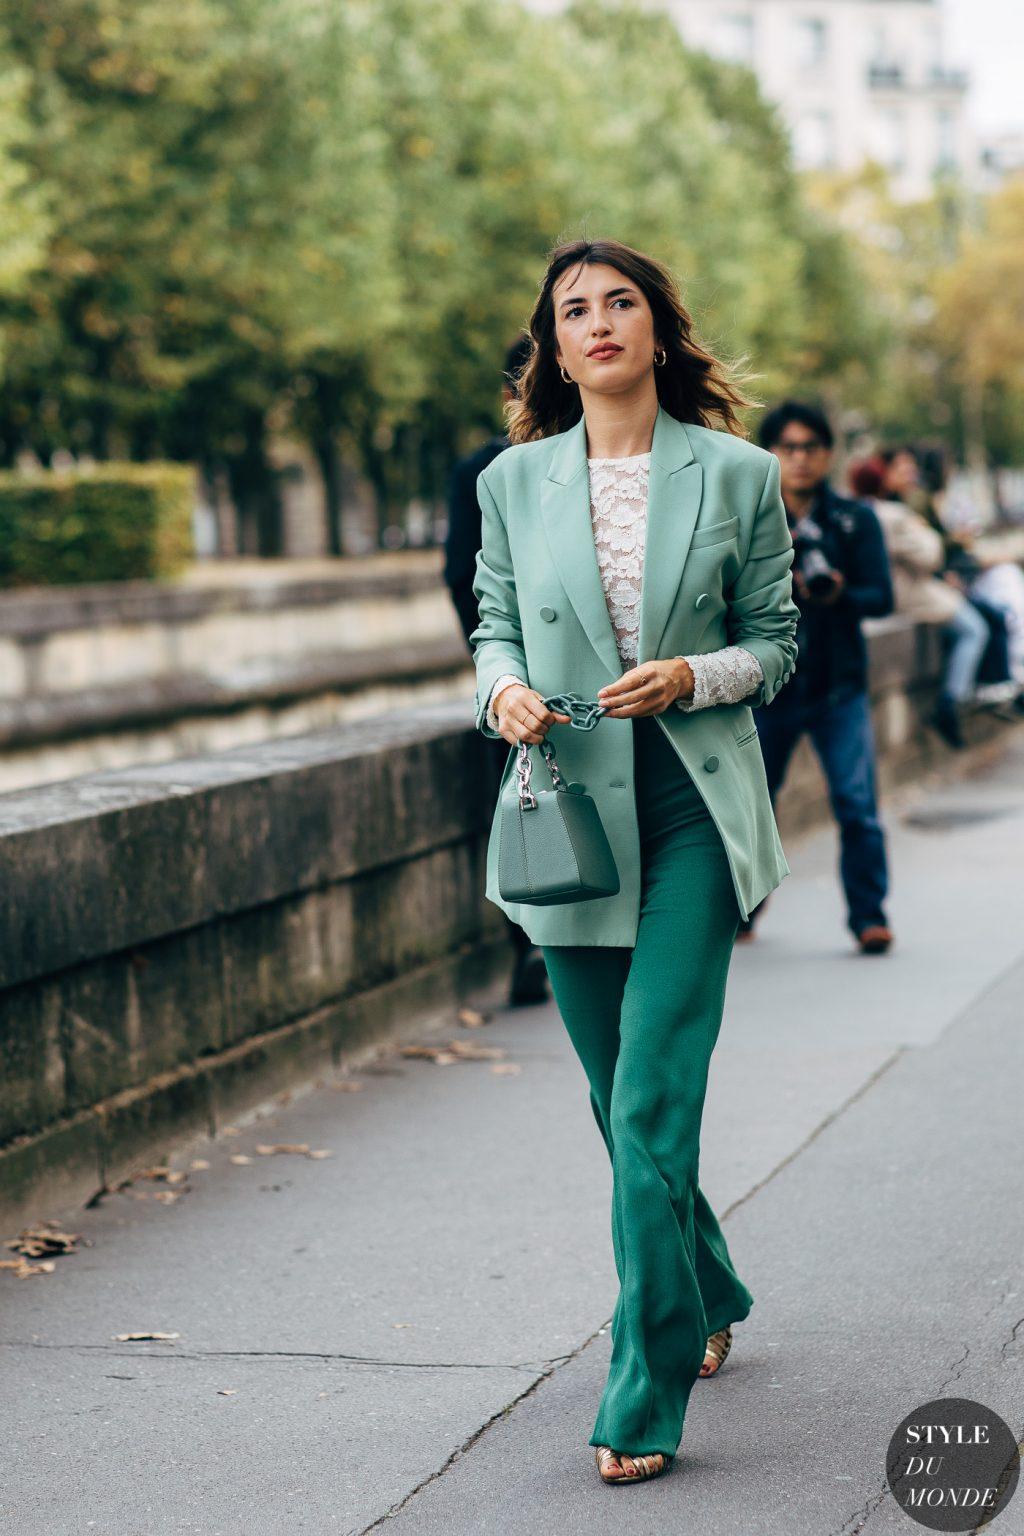 Jeanne Damas mặc suit xanh bạc hà tươi mát cùng túi xách hình học